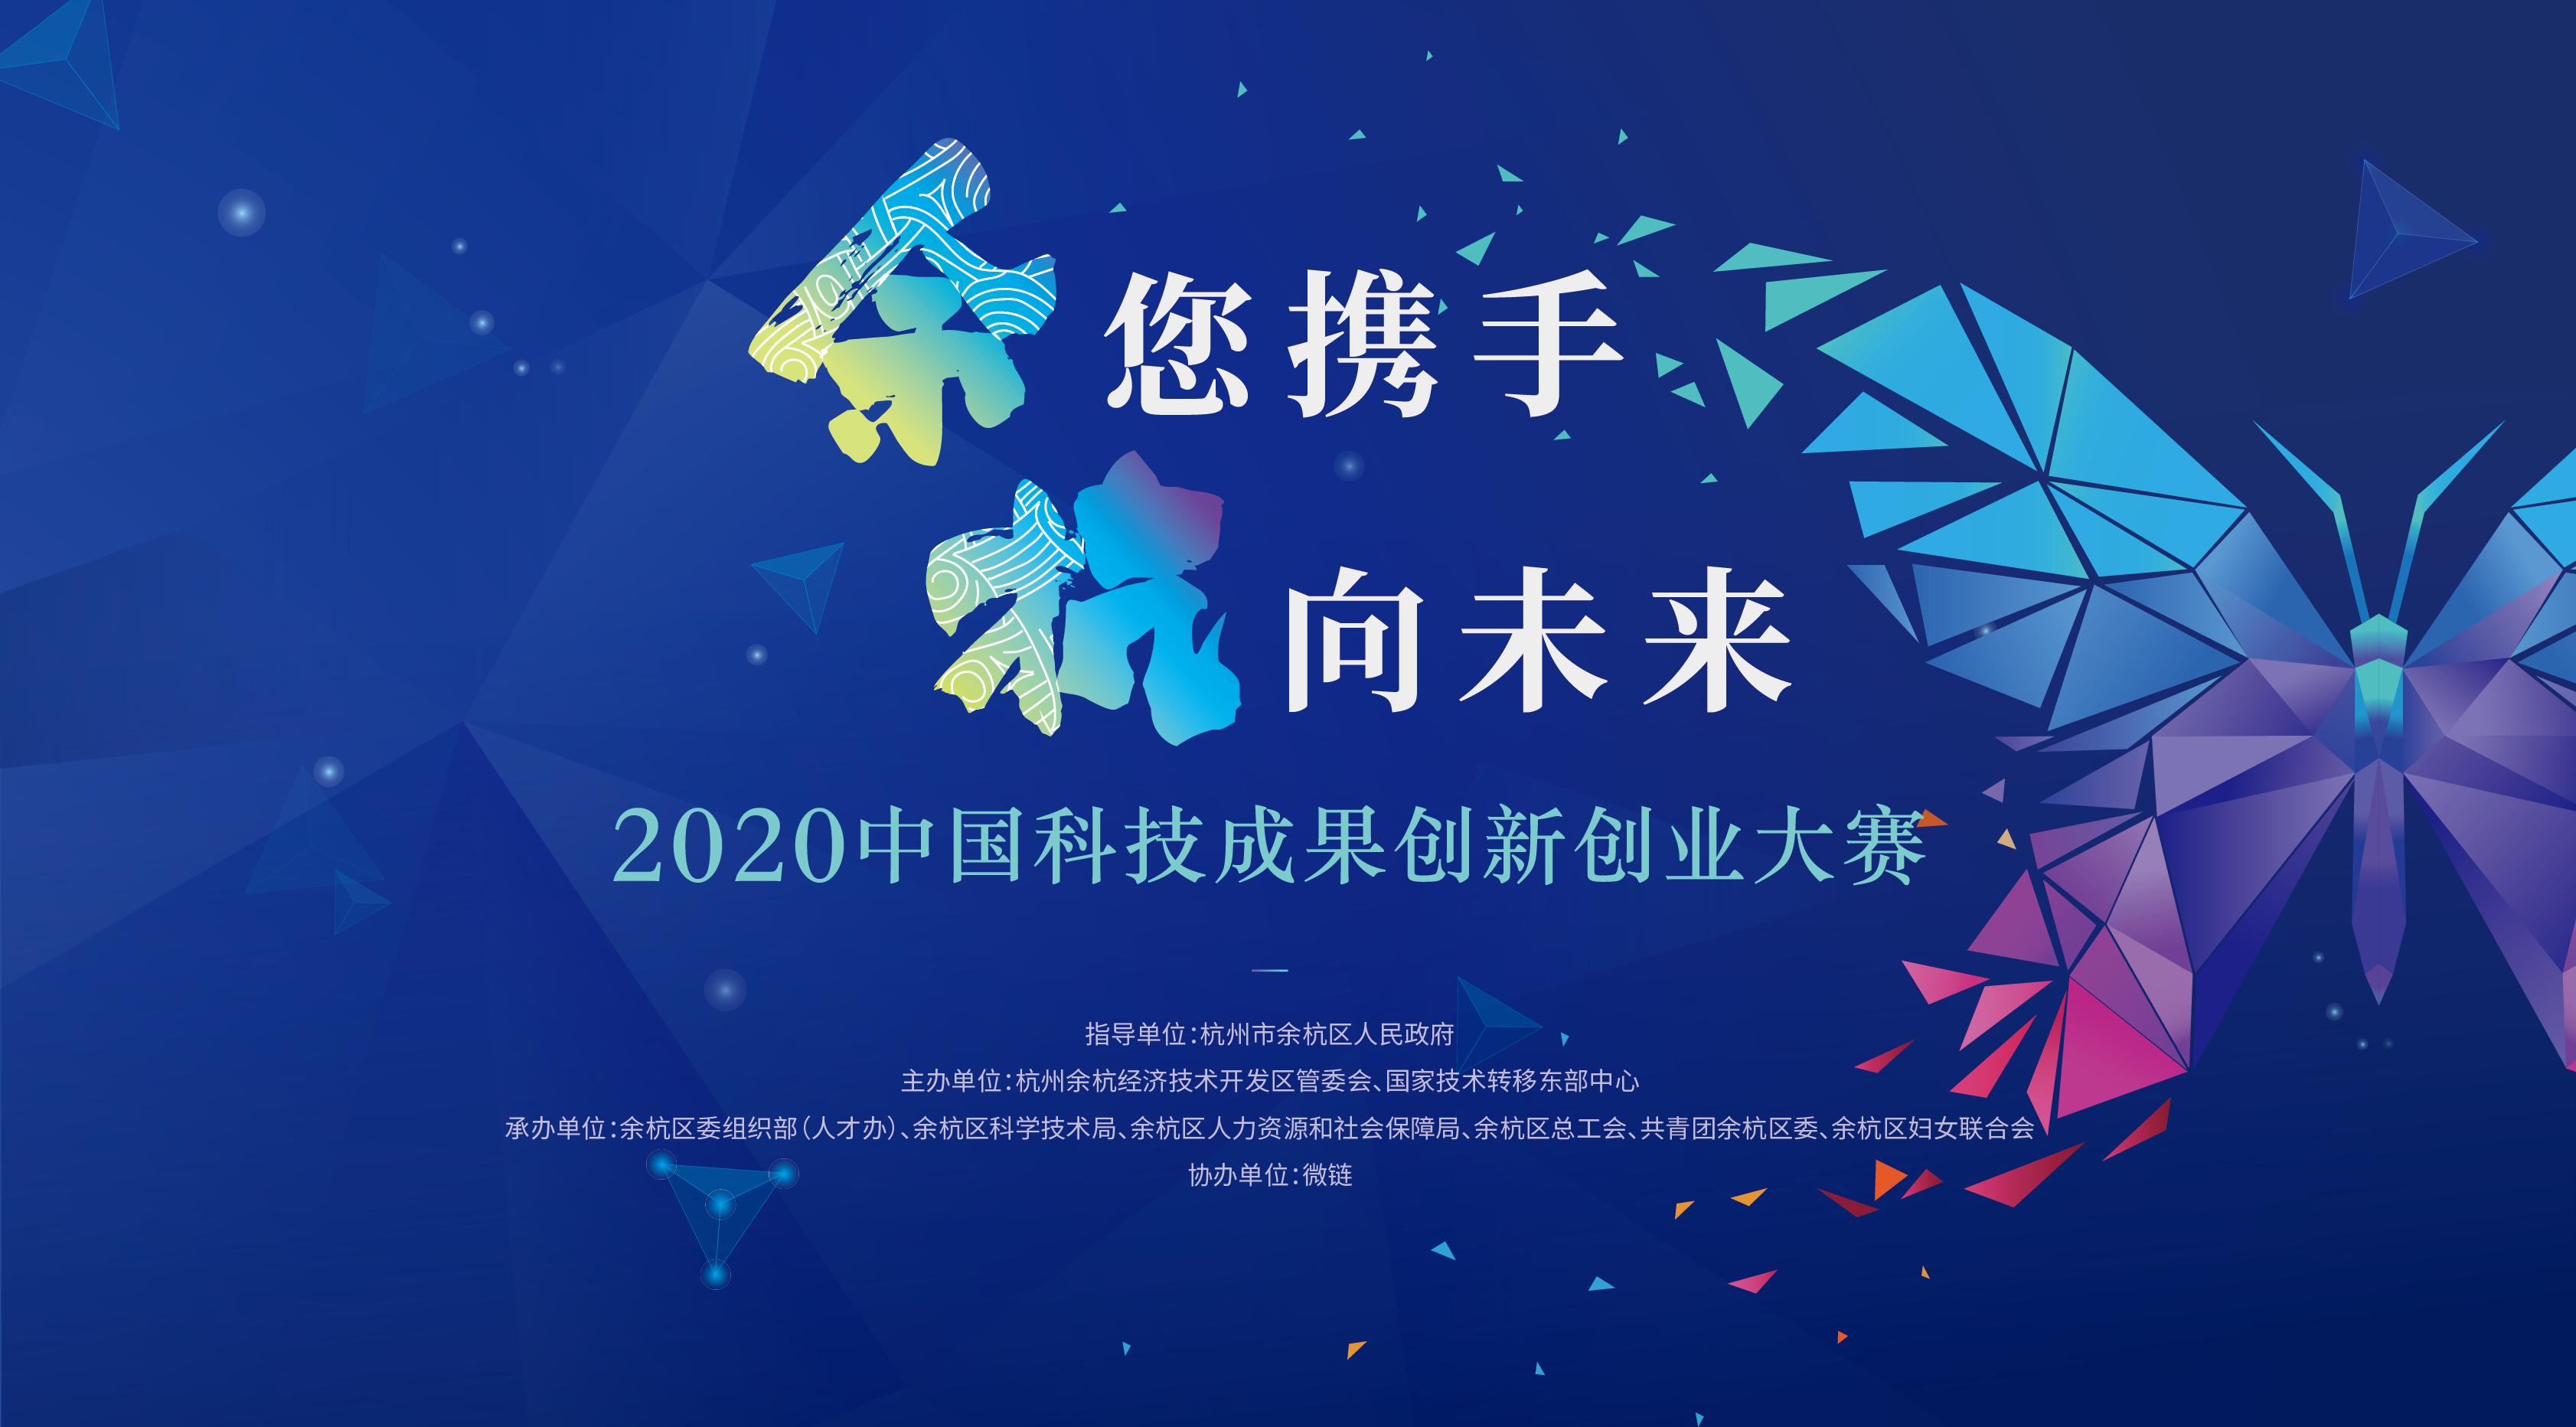 2020中国科技成果创新创业大赛邀你来战!百万奖金祝你圆梦!